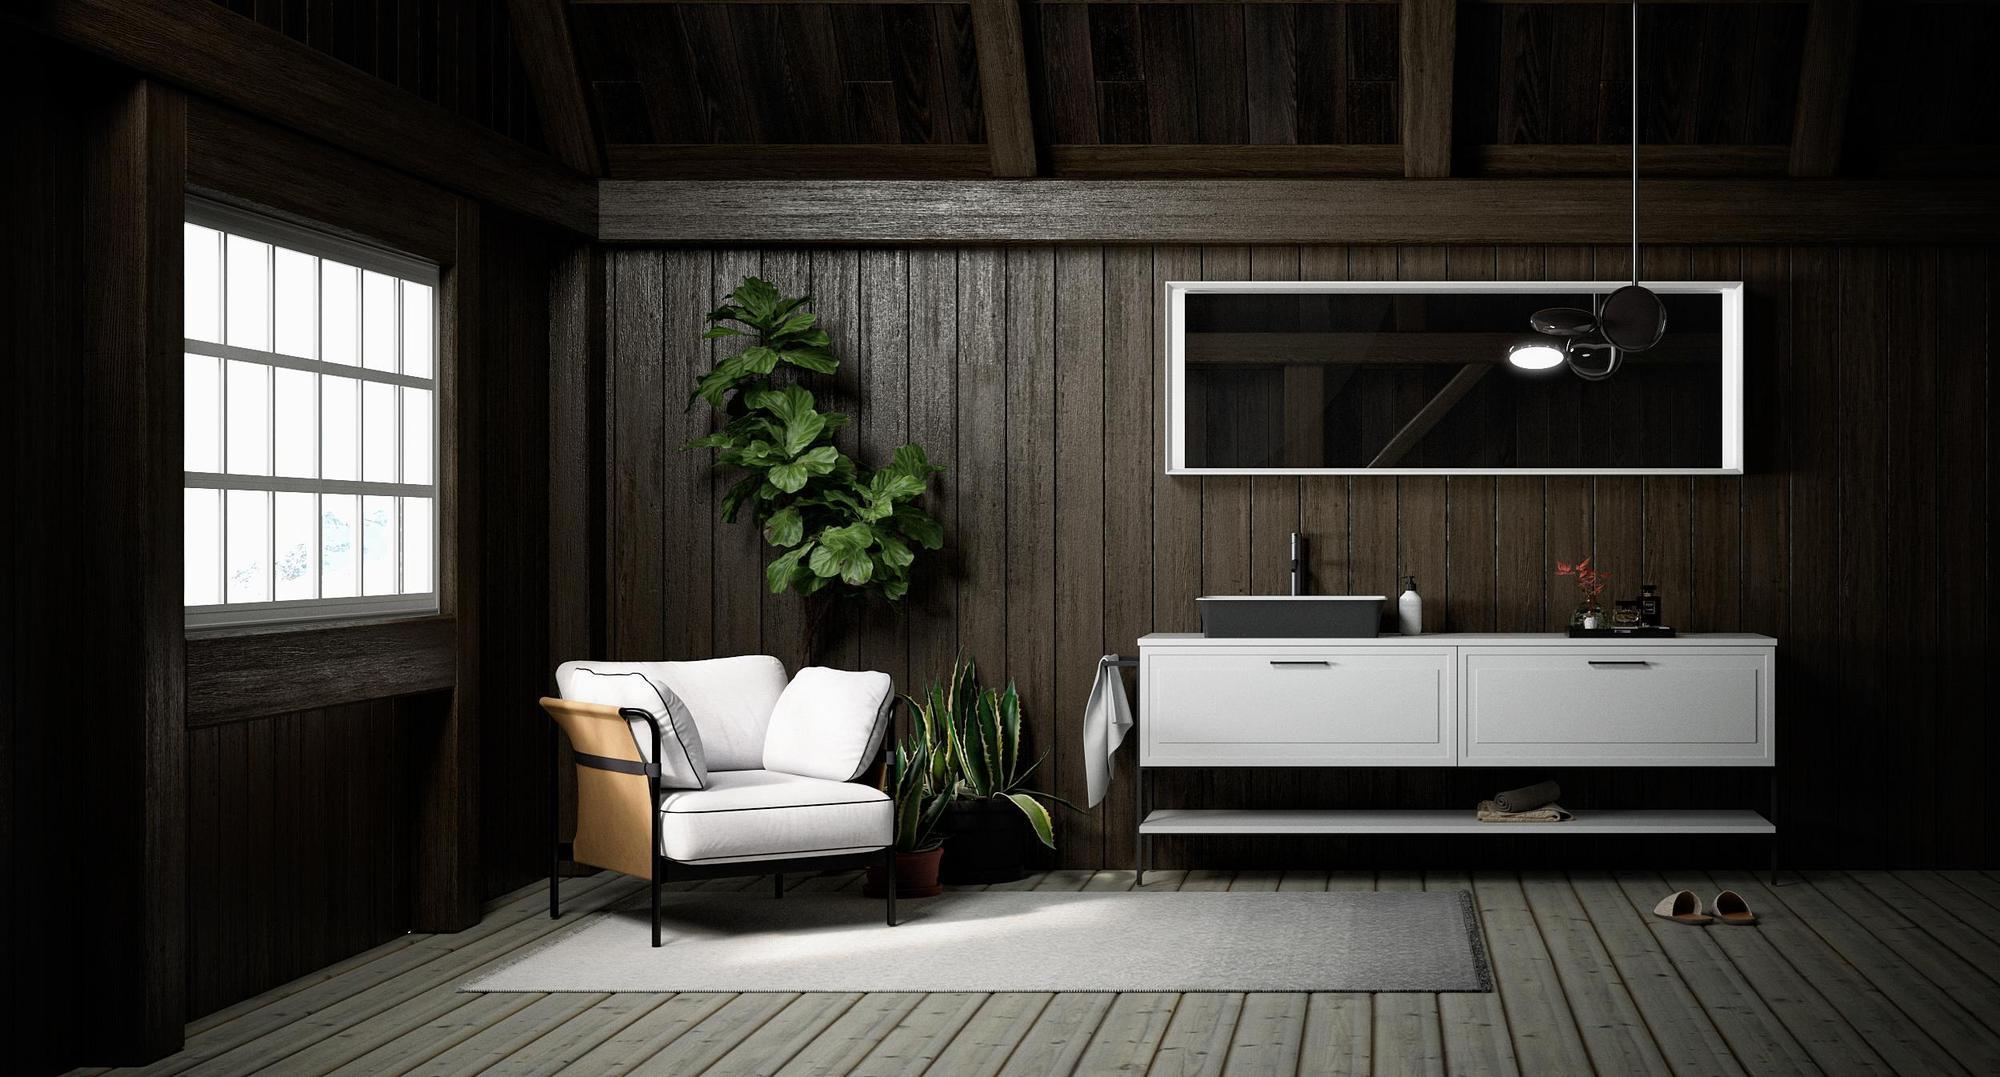 Salle de bain avec mur en bois, plantes vertes et rengements tendances et épurés.